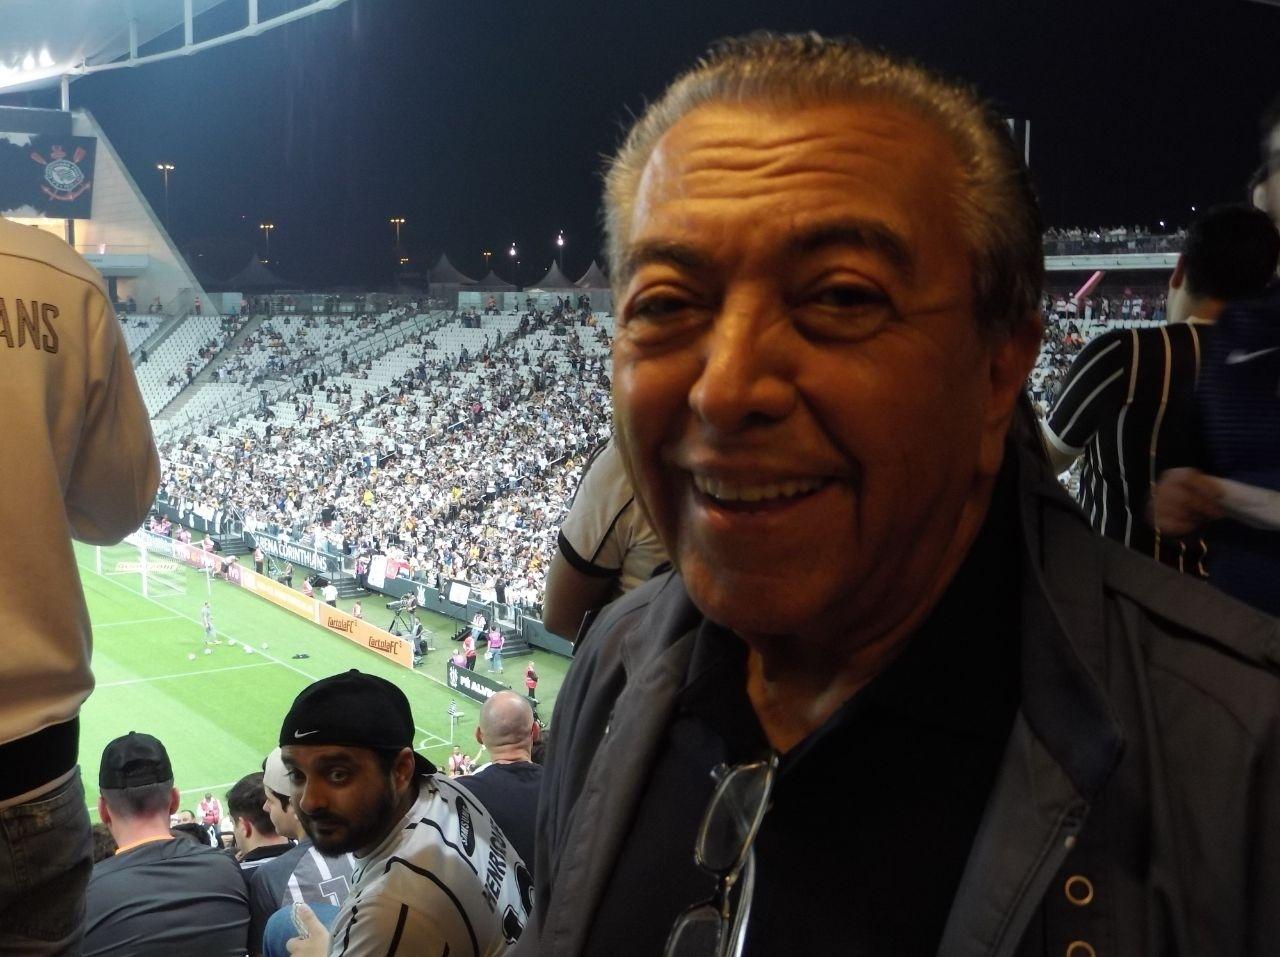 Maurício de Sousa está na Arena Corinthians para curtir a partida